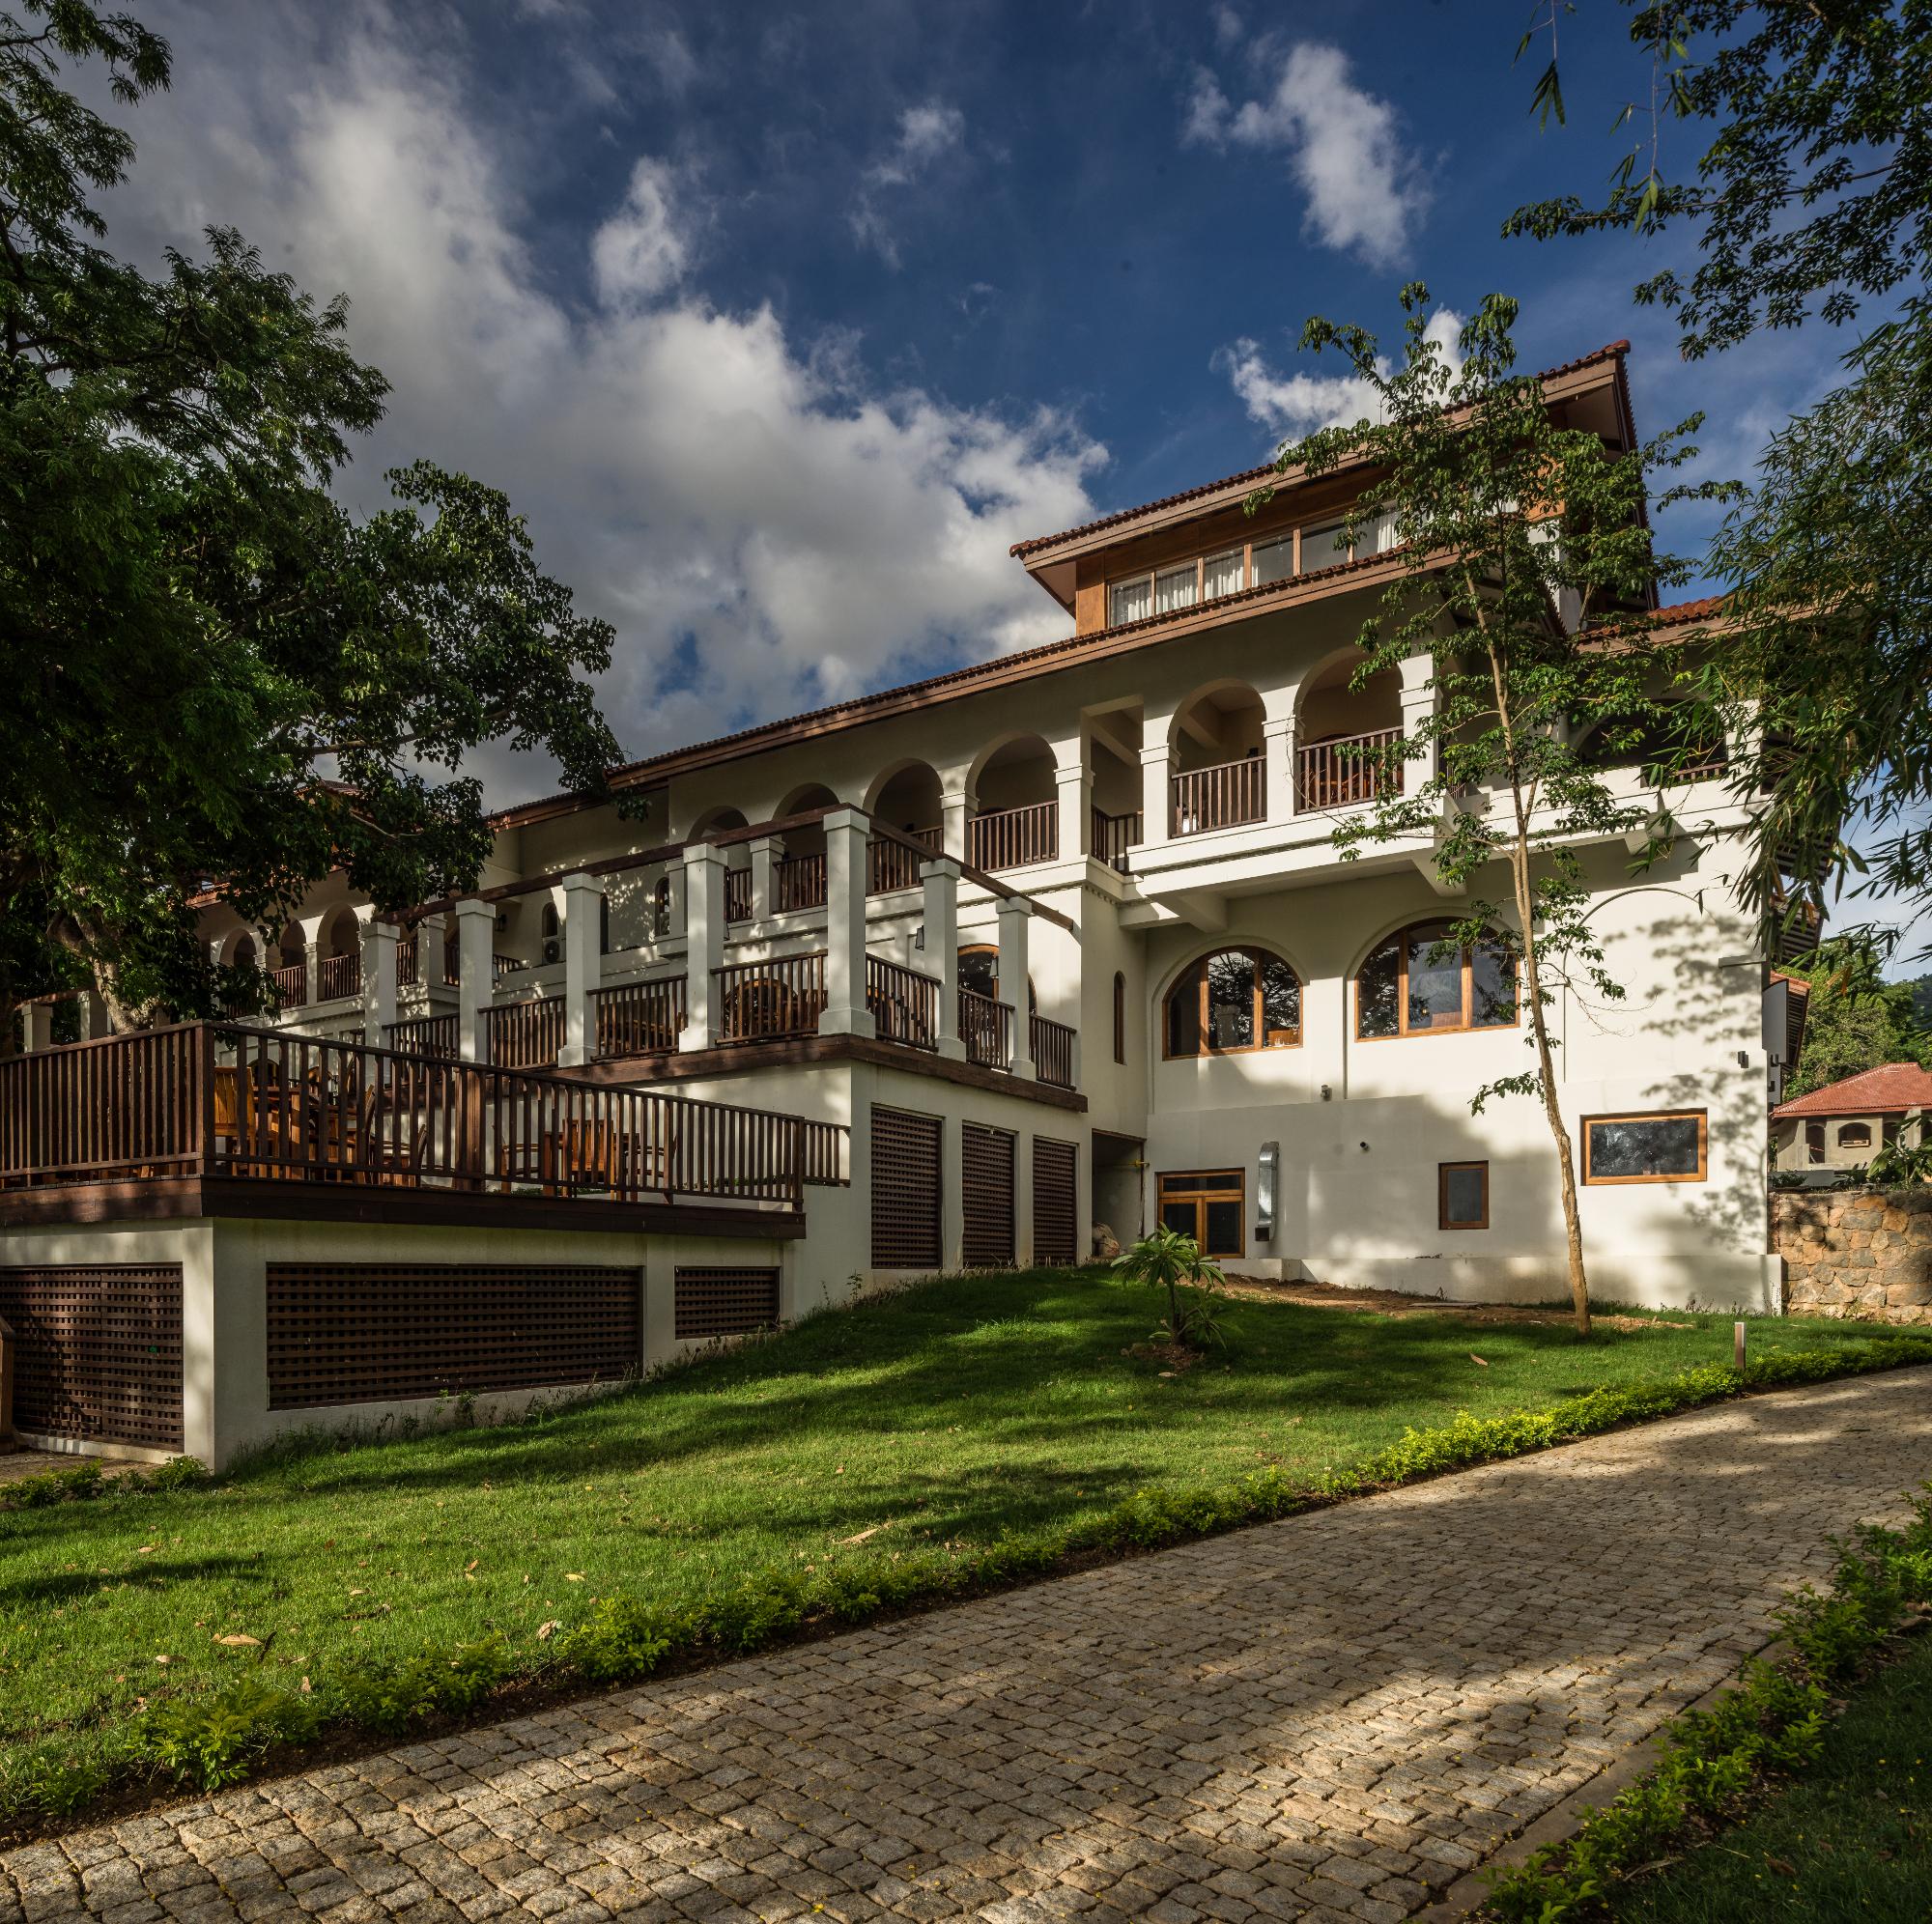 sanctum-facade-8